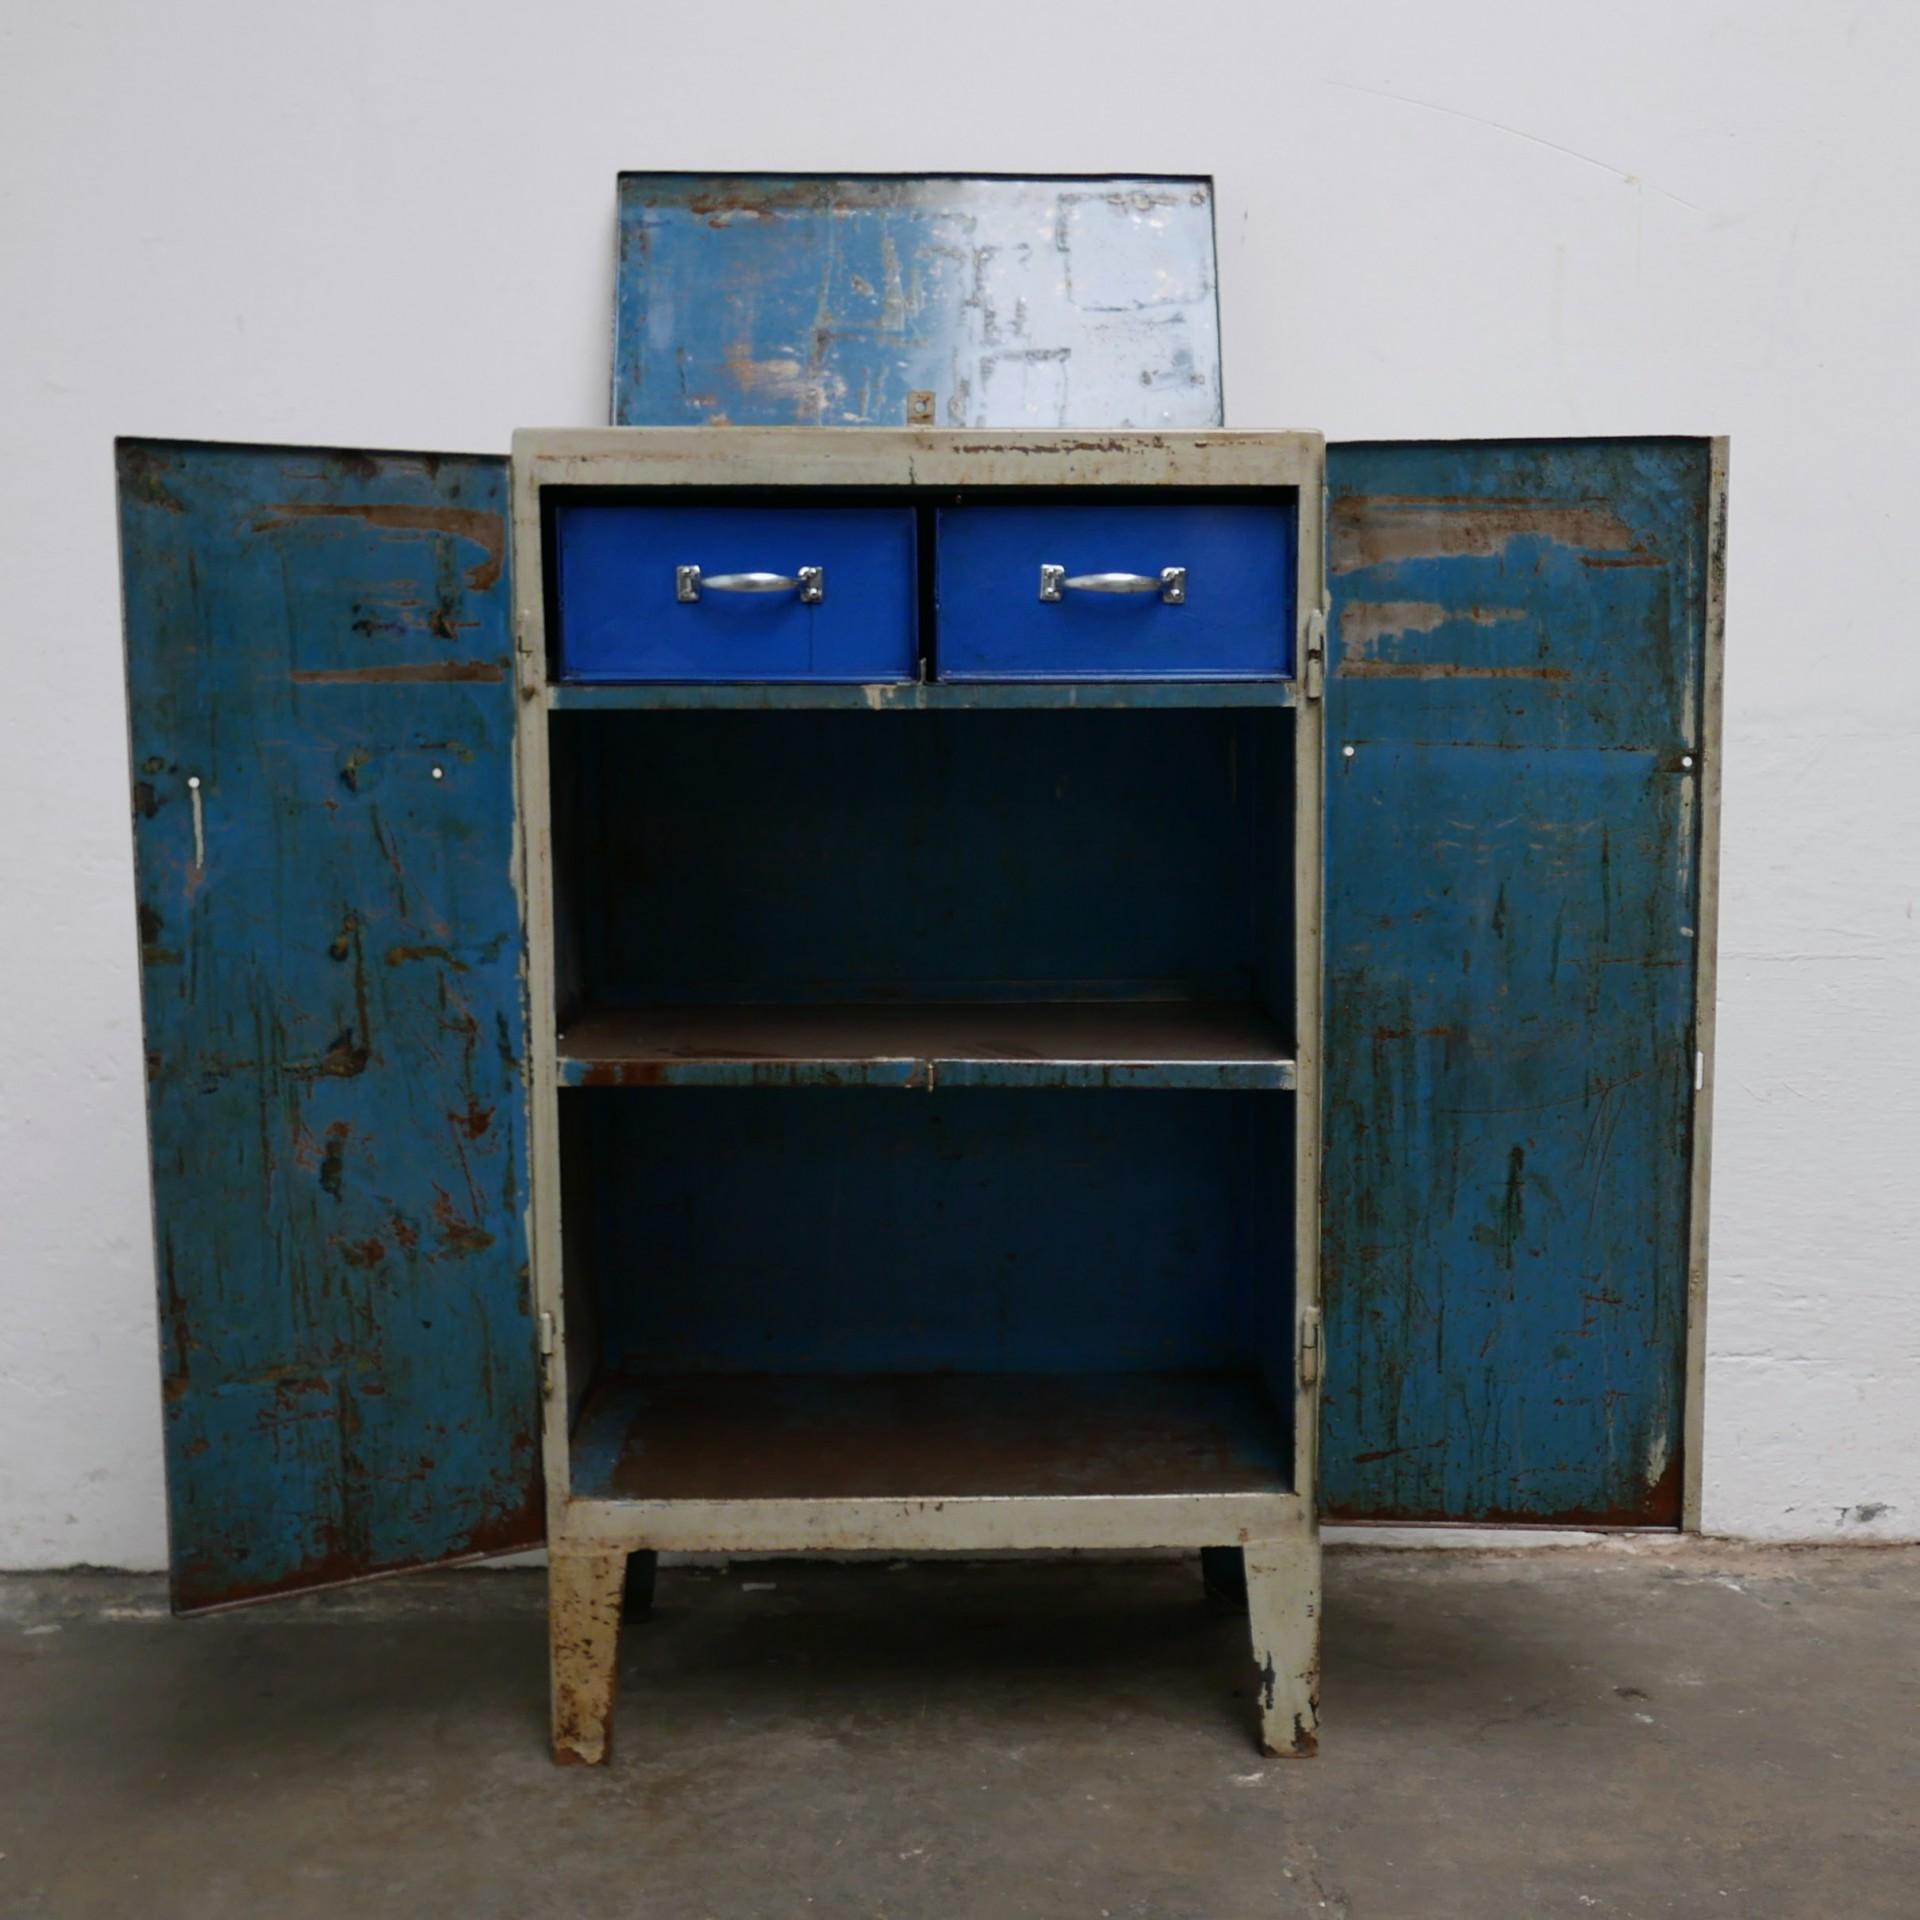 Lockerkast Metaal Grijs Blauw